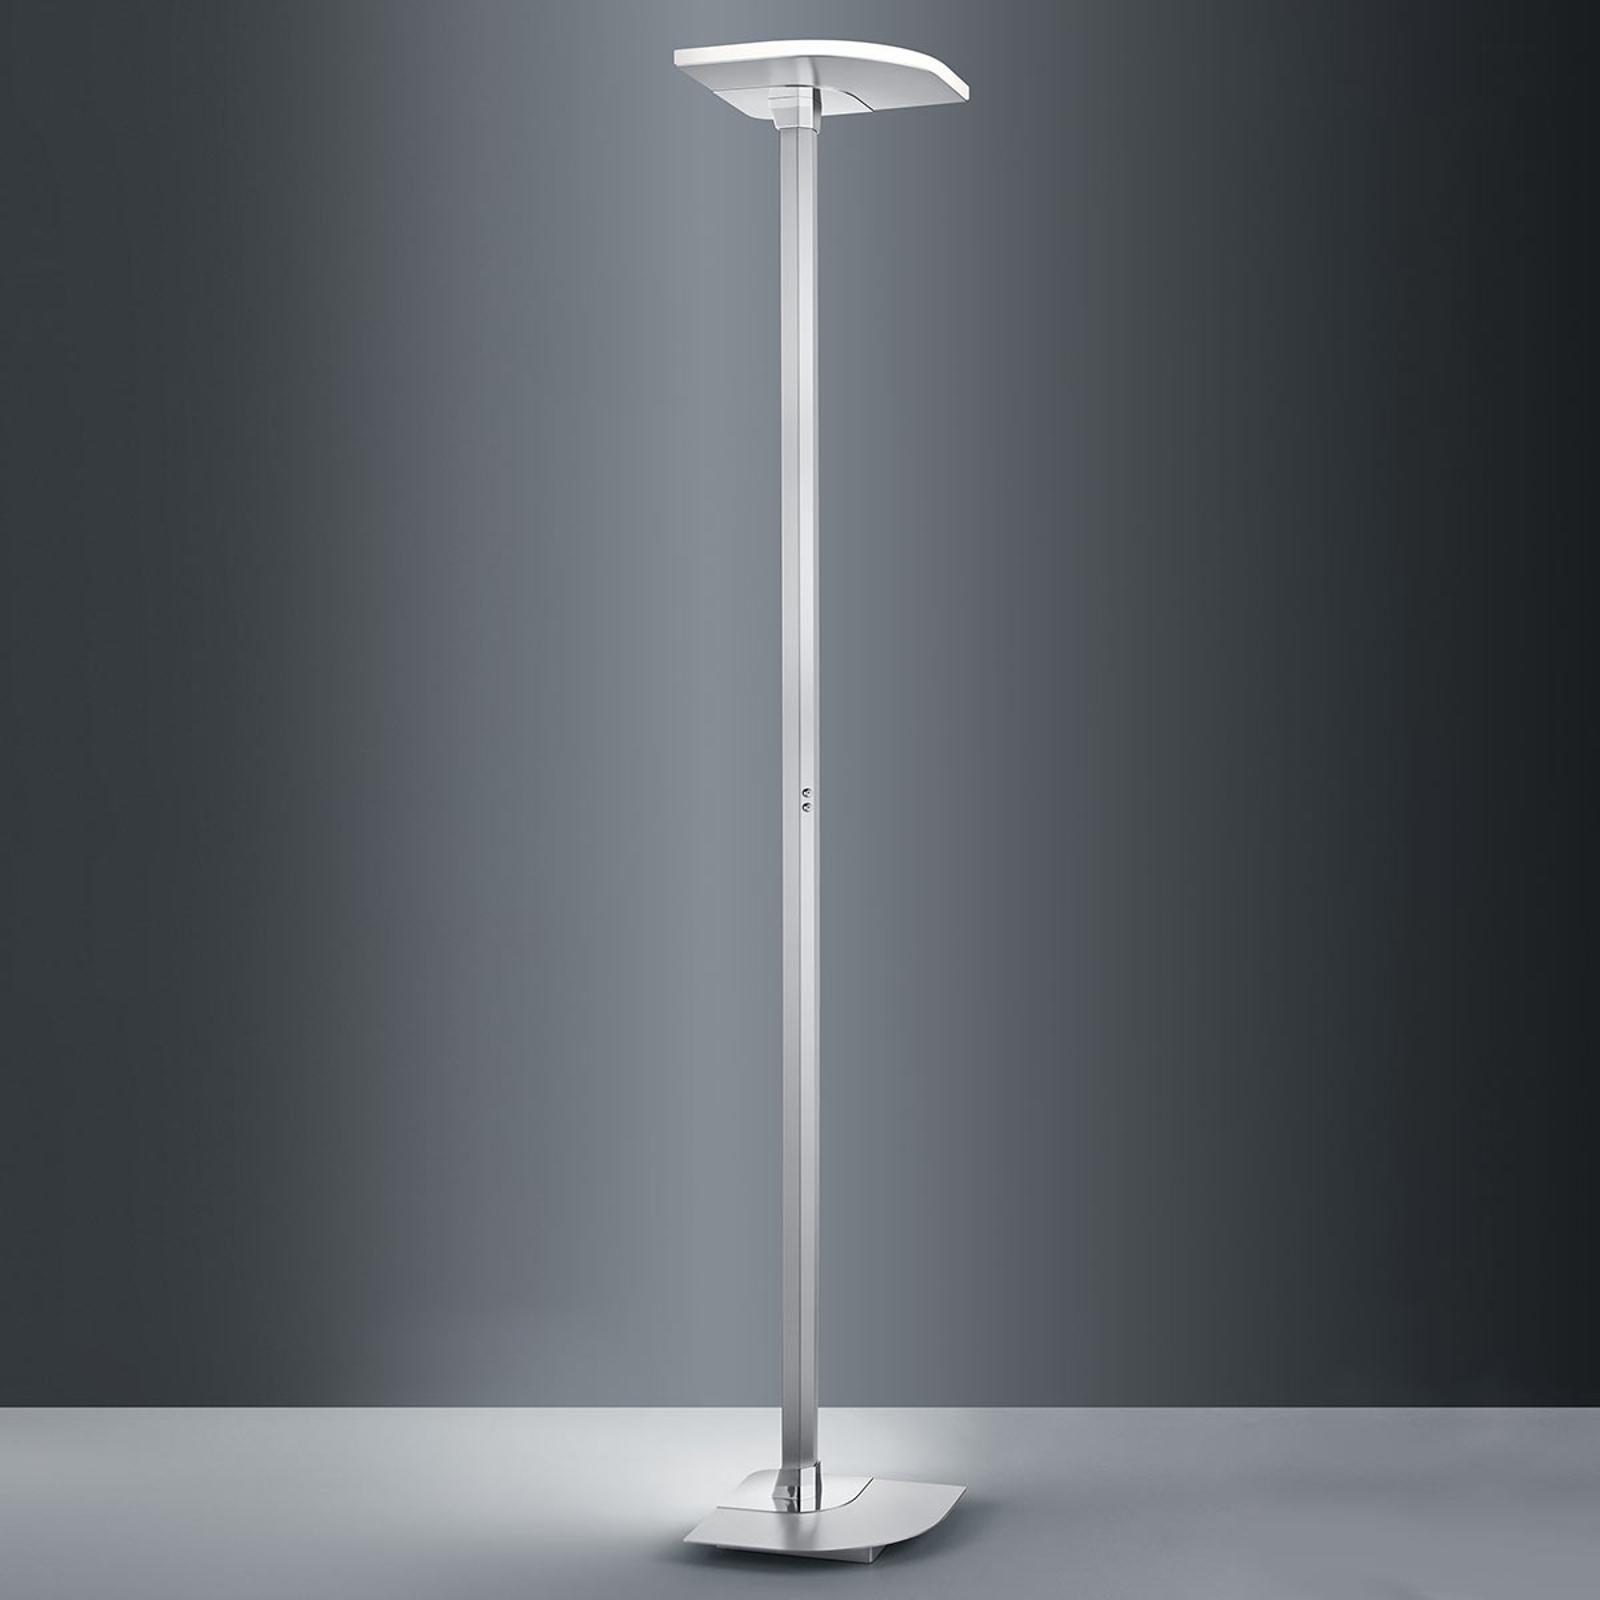 BANKAMP Enzo LED-Stehleuchte, ZigBee-fähig